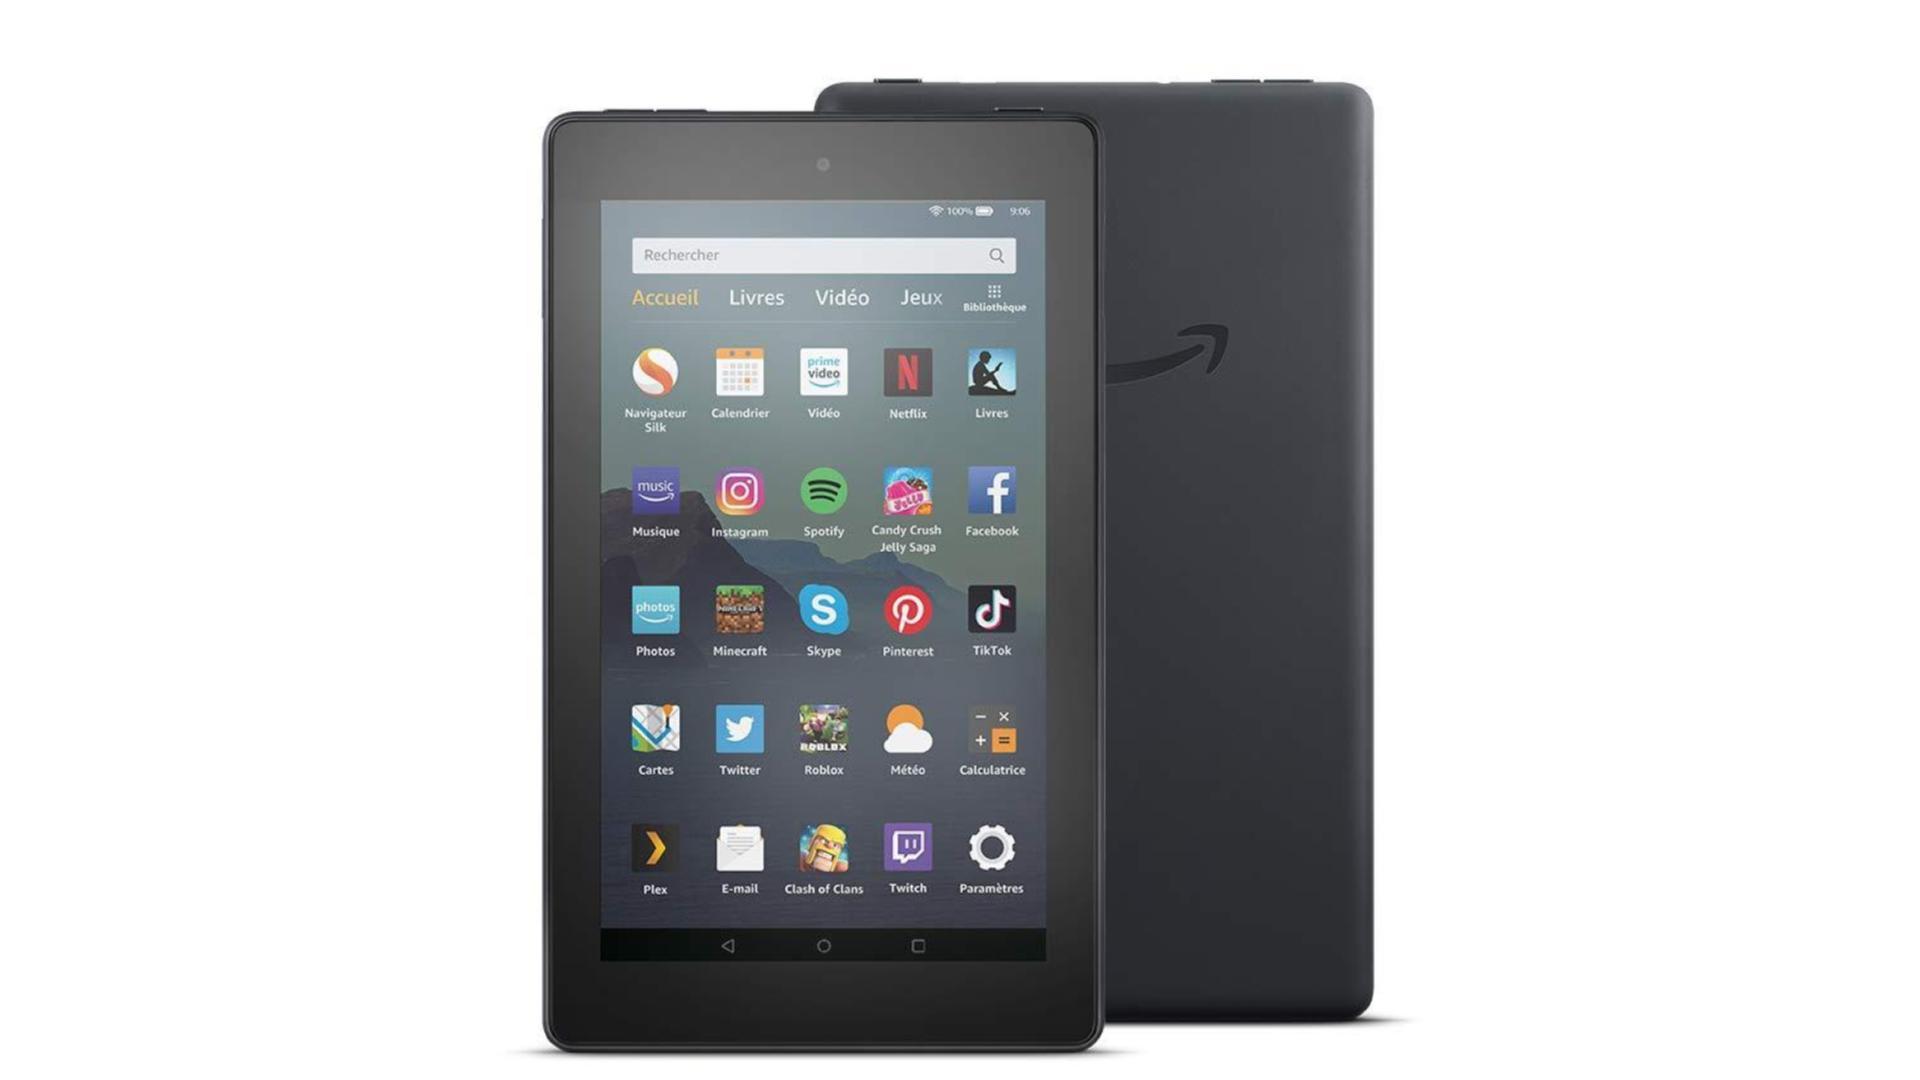 Amazon Fire 7 (2019) annoncée : que peut-on attendre d'une tablette à 70 euros ?